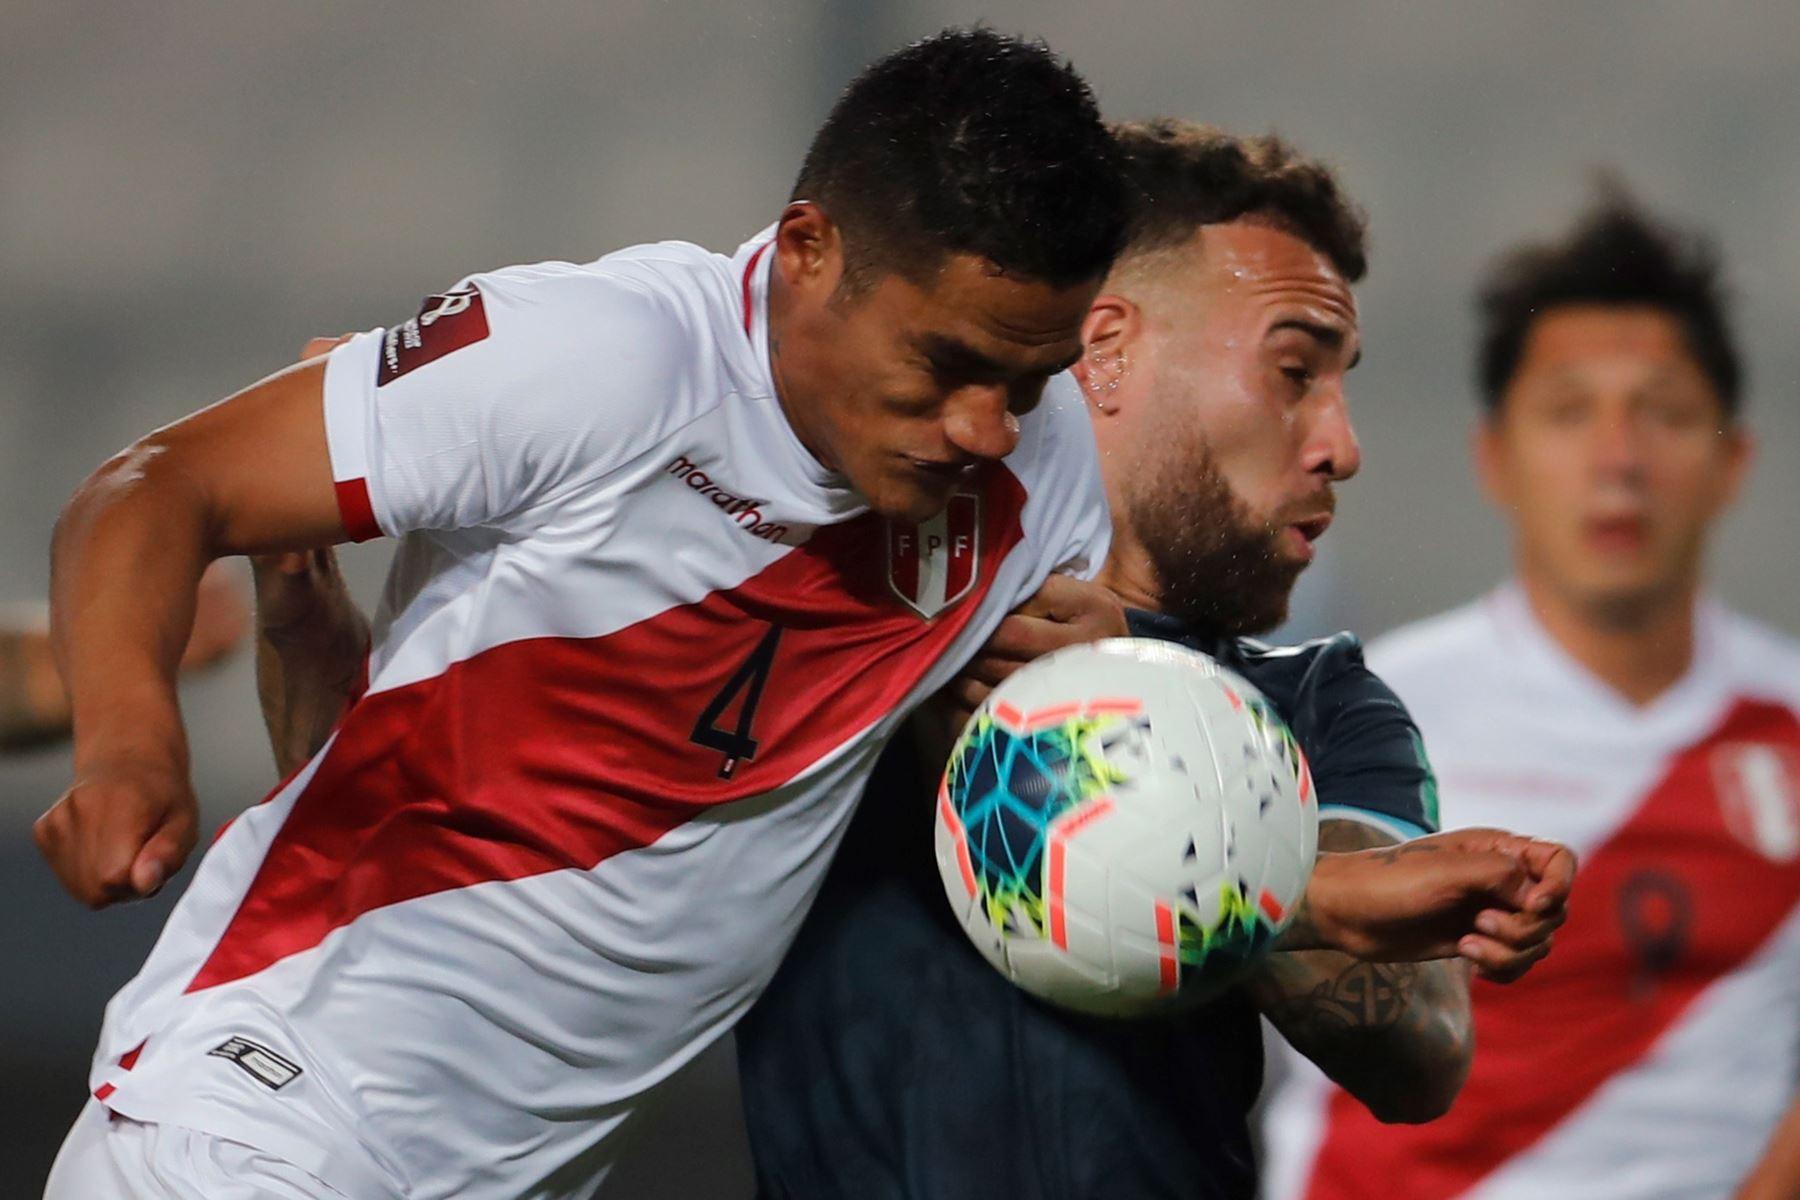 El peruano Anderson Santamaria en acción contra el argentino Nicolás Otamendi durante un partido por los Clasificatorios Sudamericanos al Mundial de Qatar 2022, en el Estadio Nacional de Lima. Foto: EFE